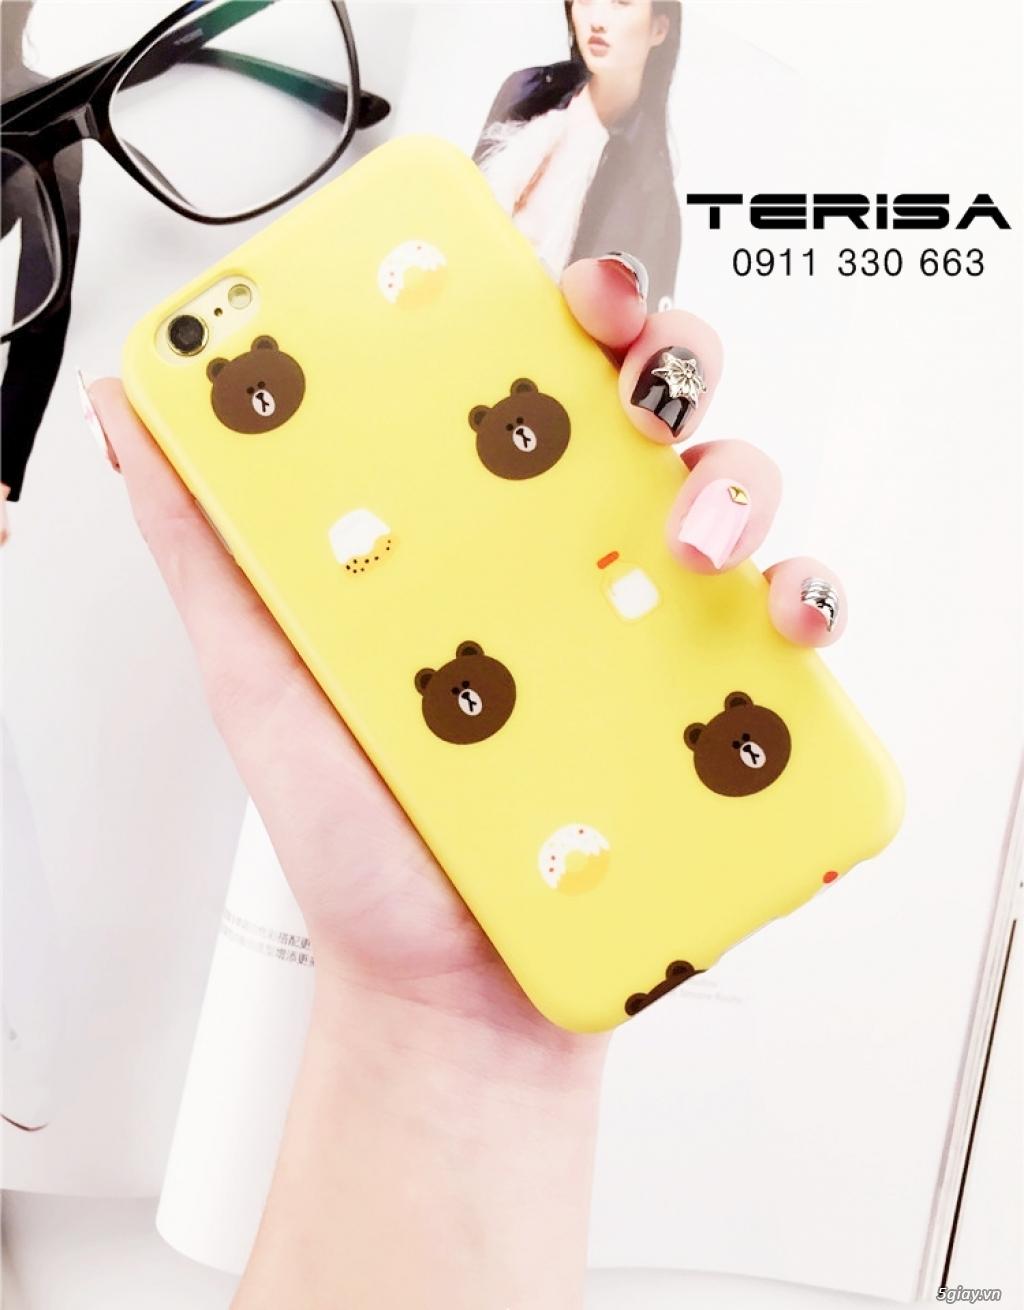 Ốp lưng iphone của Terisa - 9